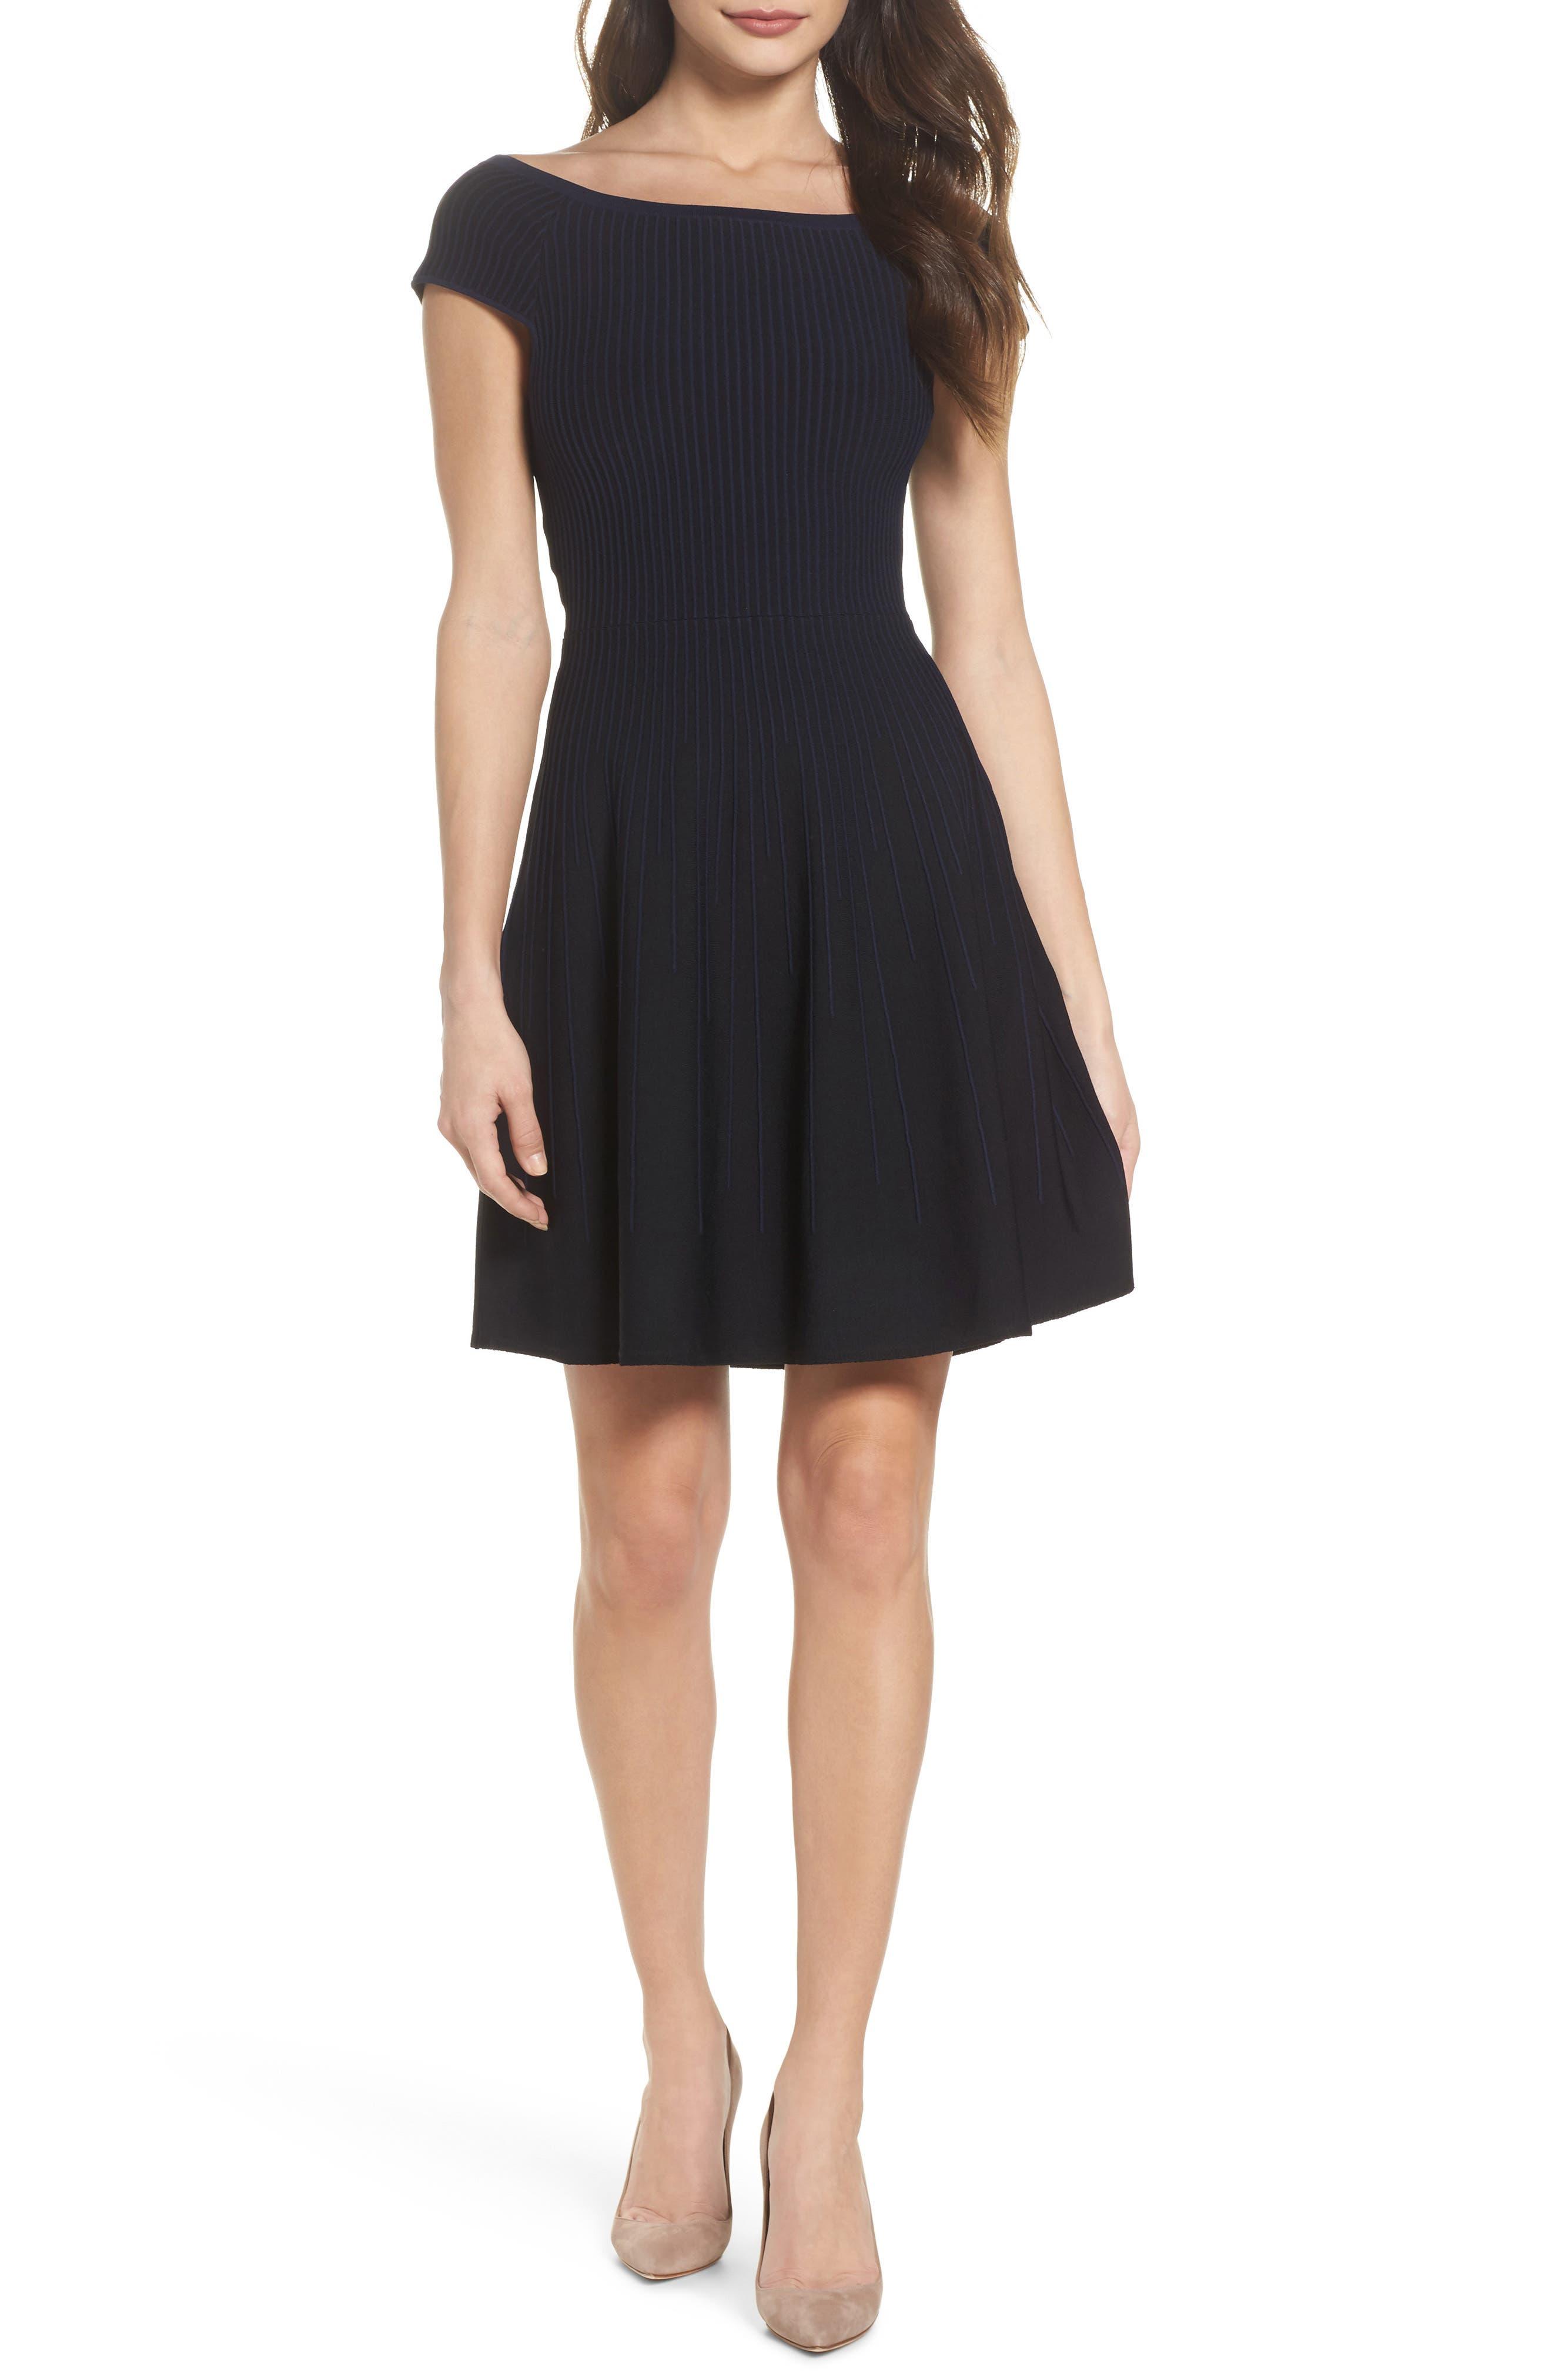 Olivia Off the Shoulder Dress,                         Main,                         color, Black/ Nocturnal